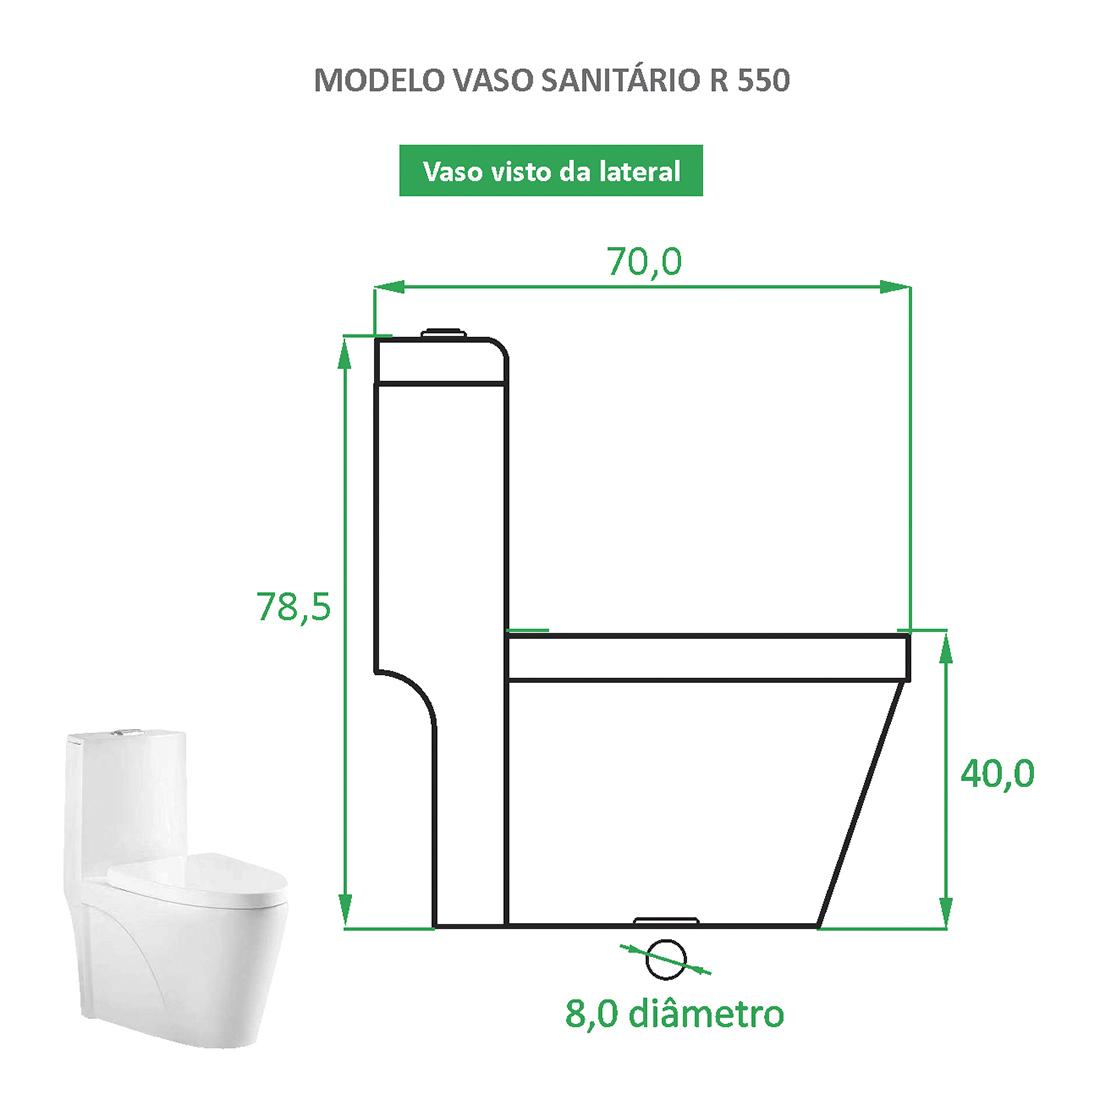 Vaso Sanitário Reno R 550 - Novo Modelo!